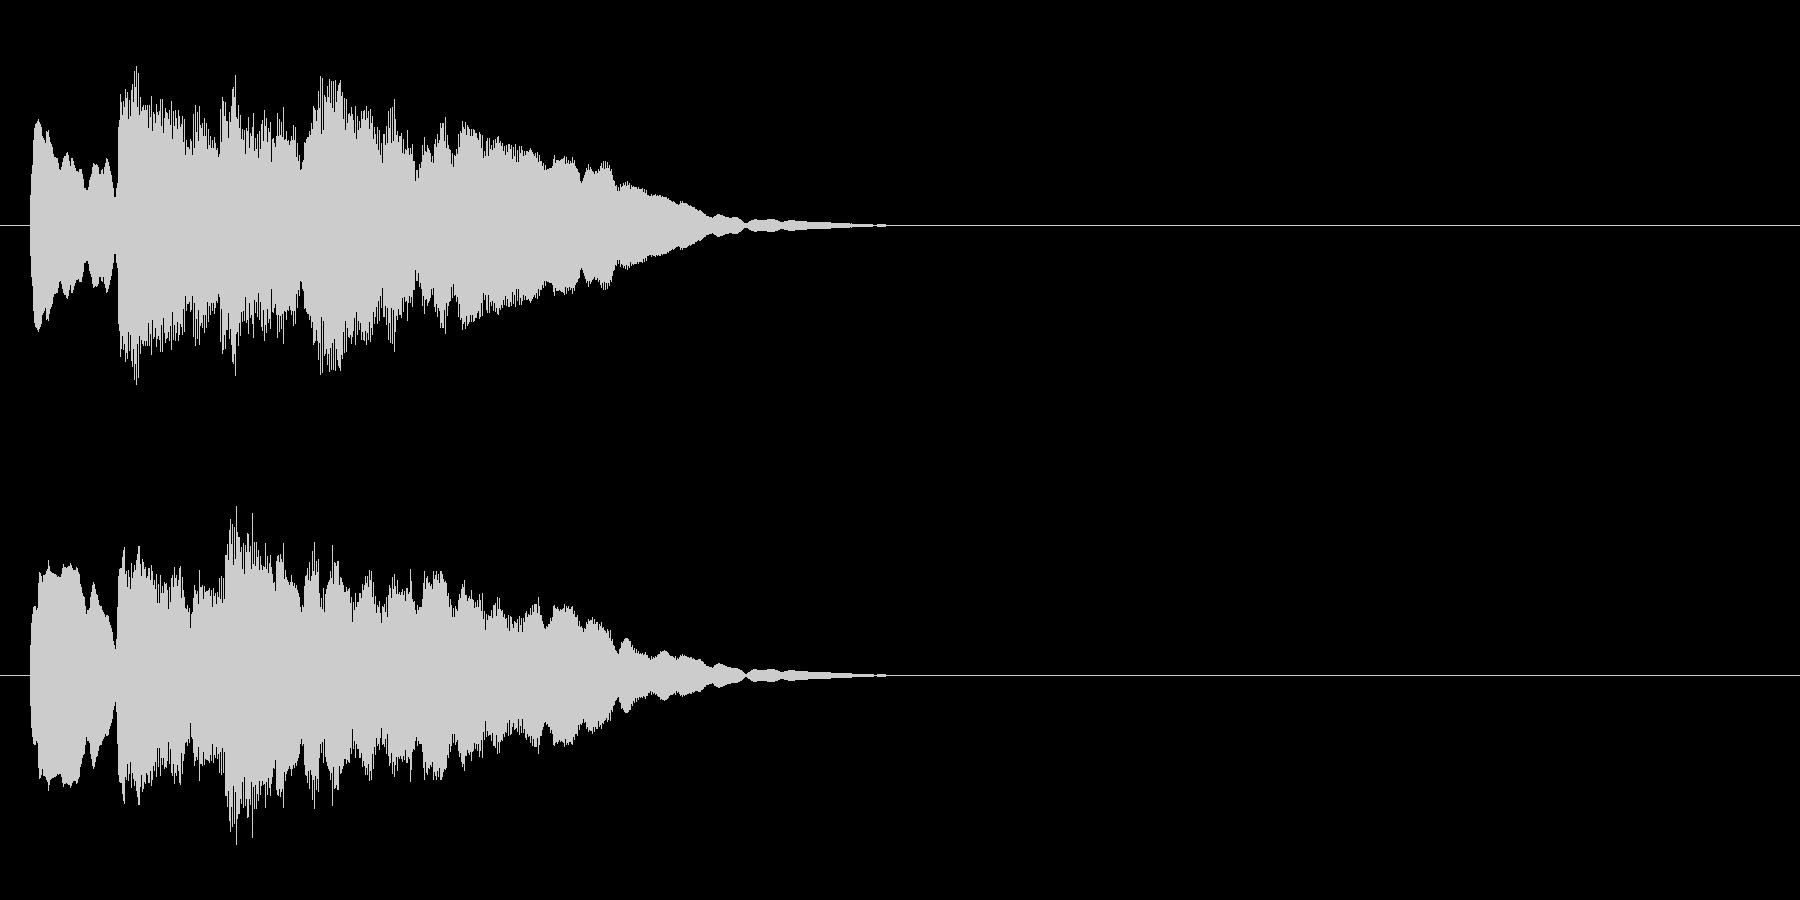 クイズ系05 正解 ピンポンピンポンの未再生の波形